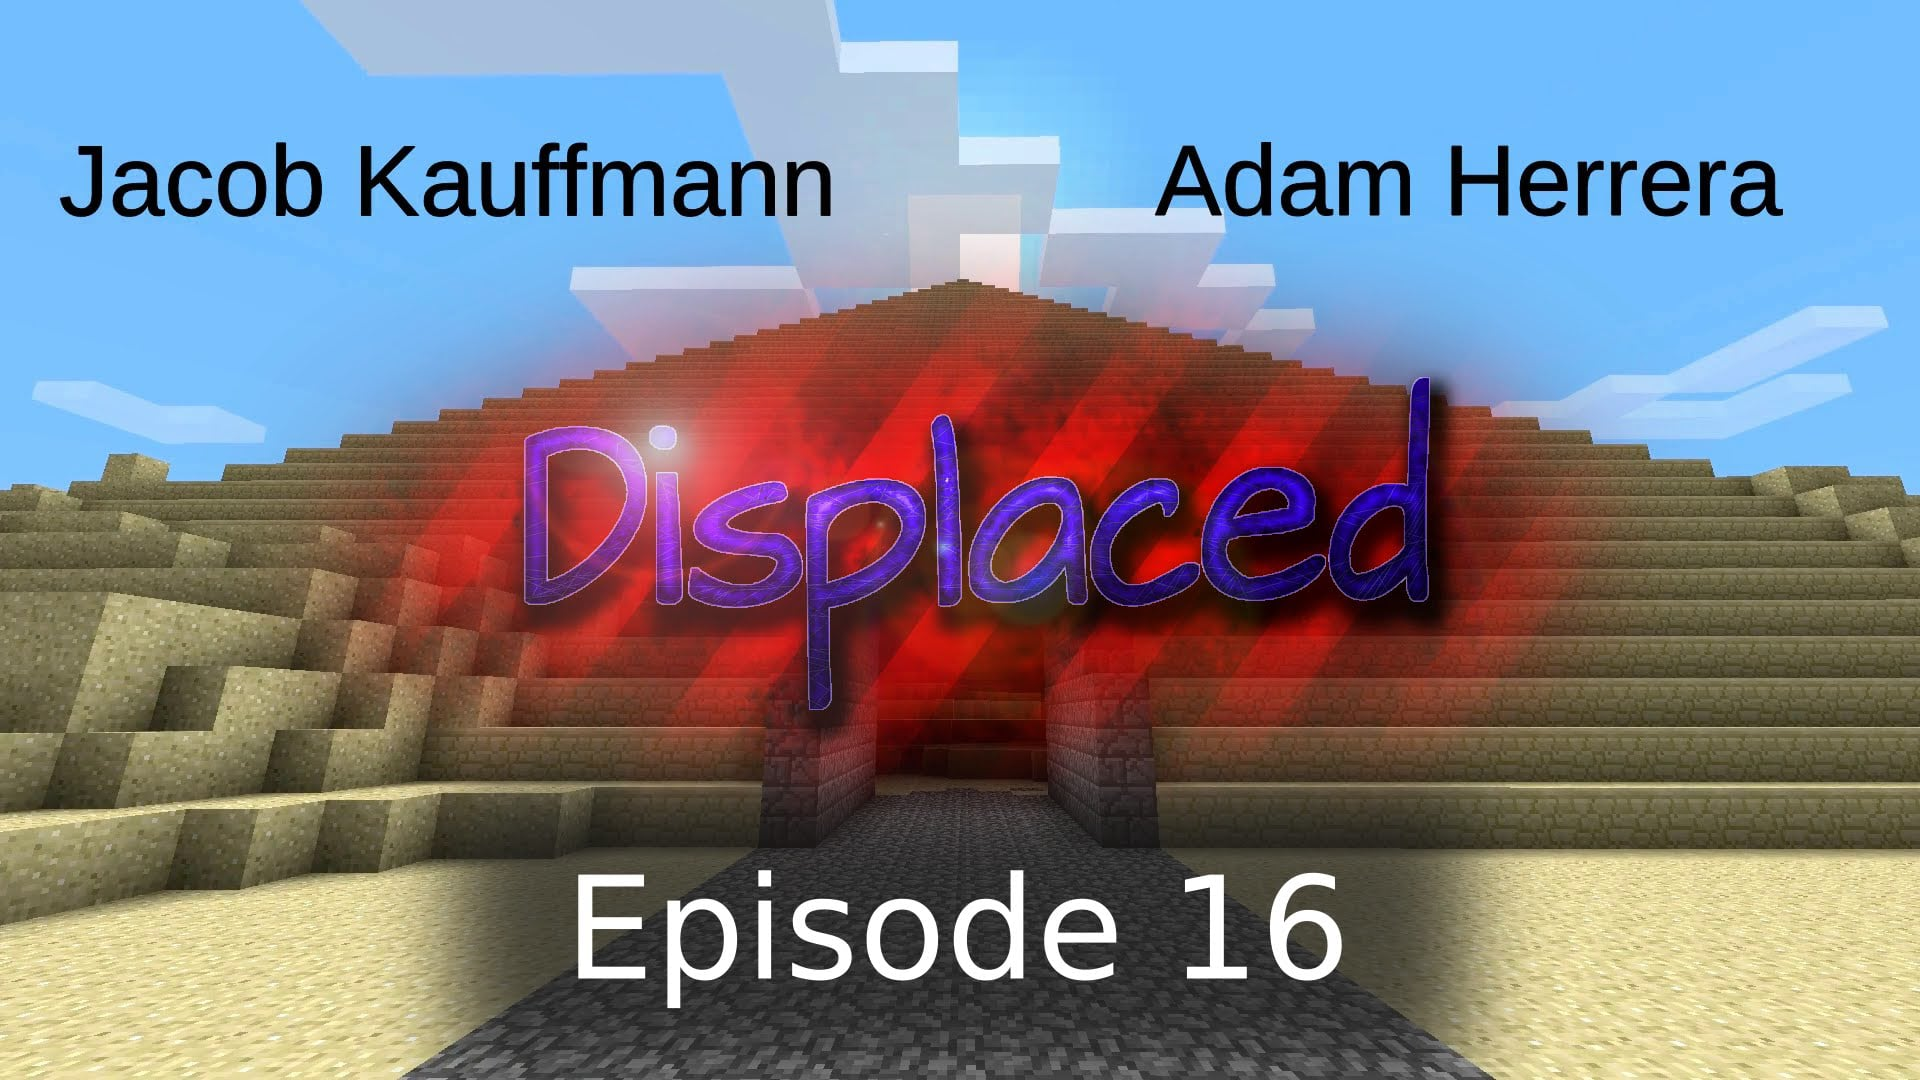 Episode 16 - Displaced